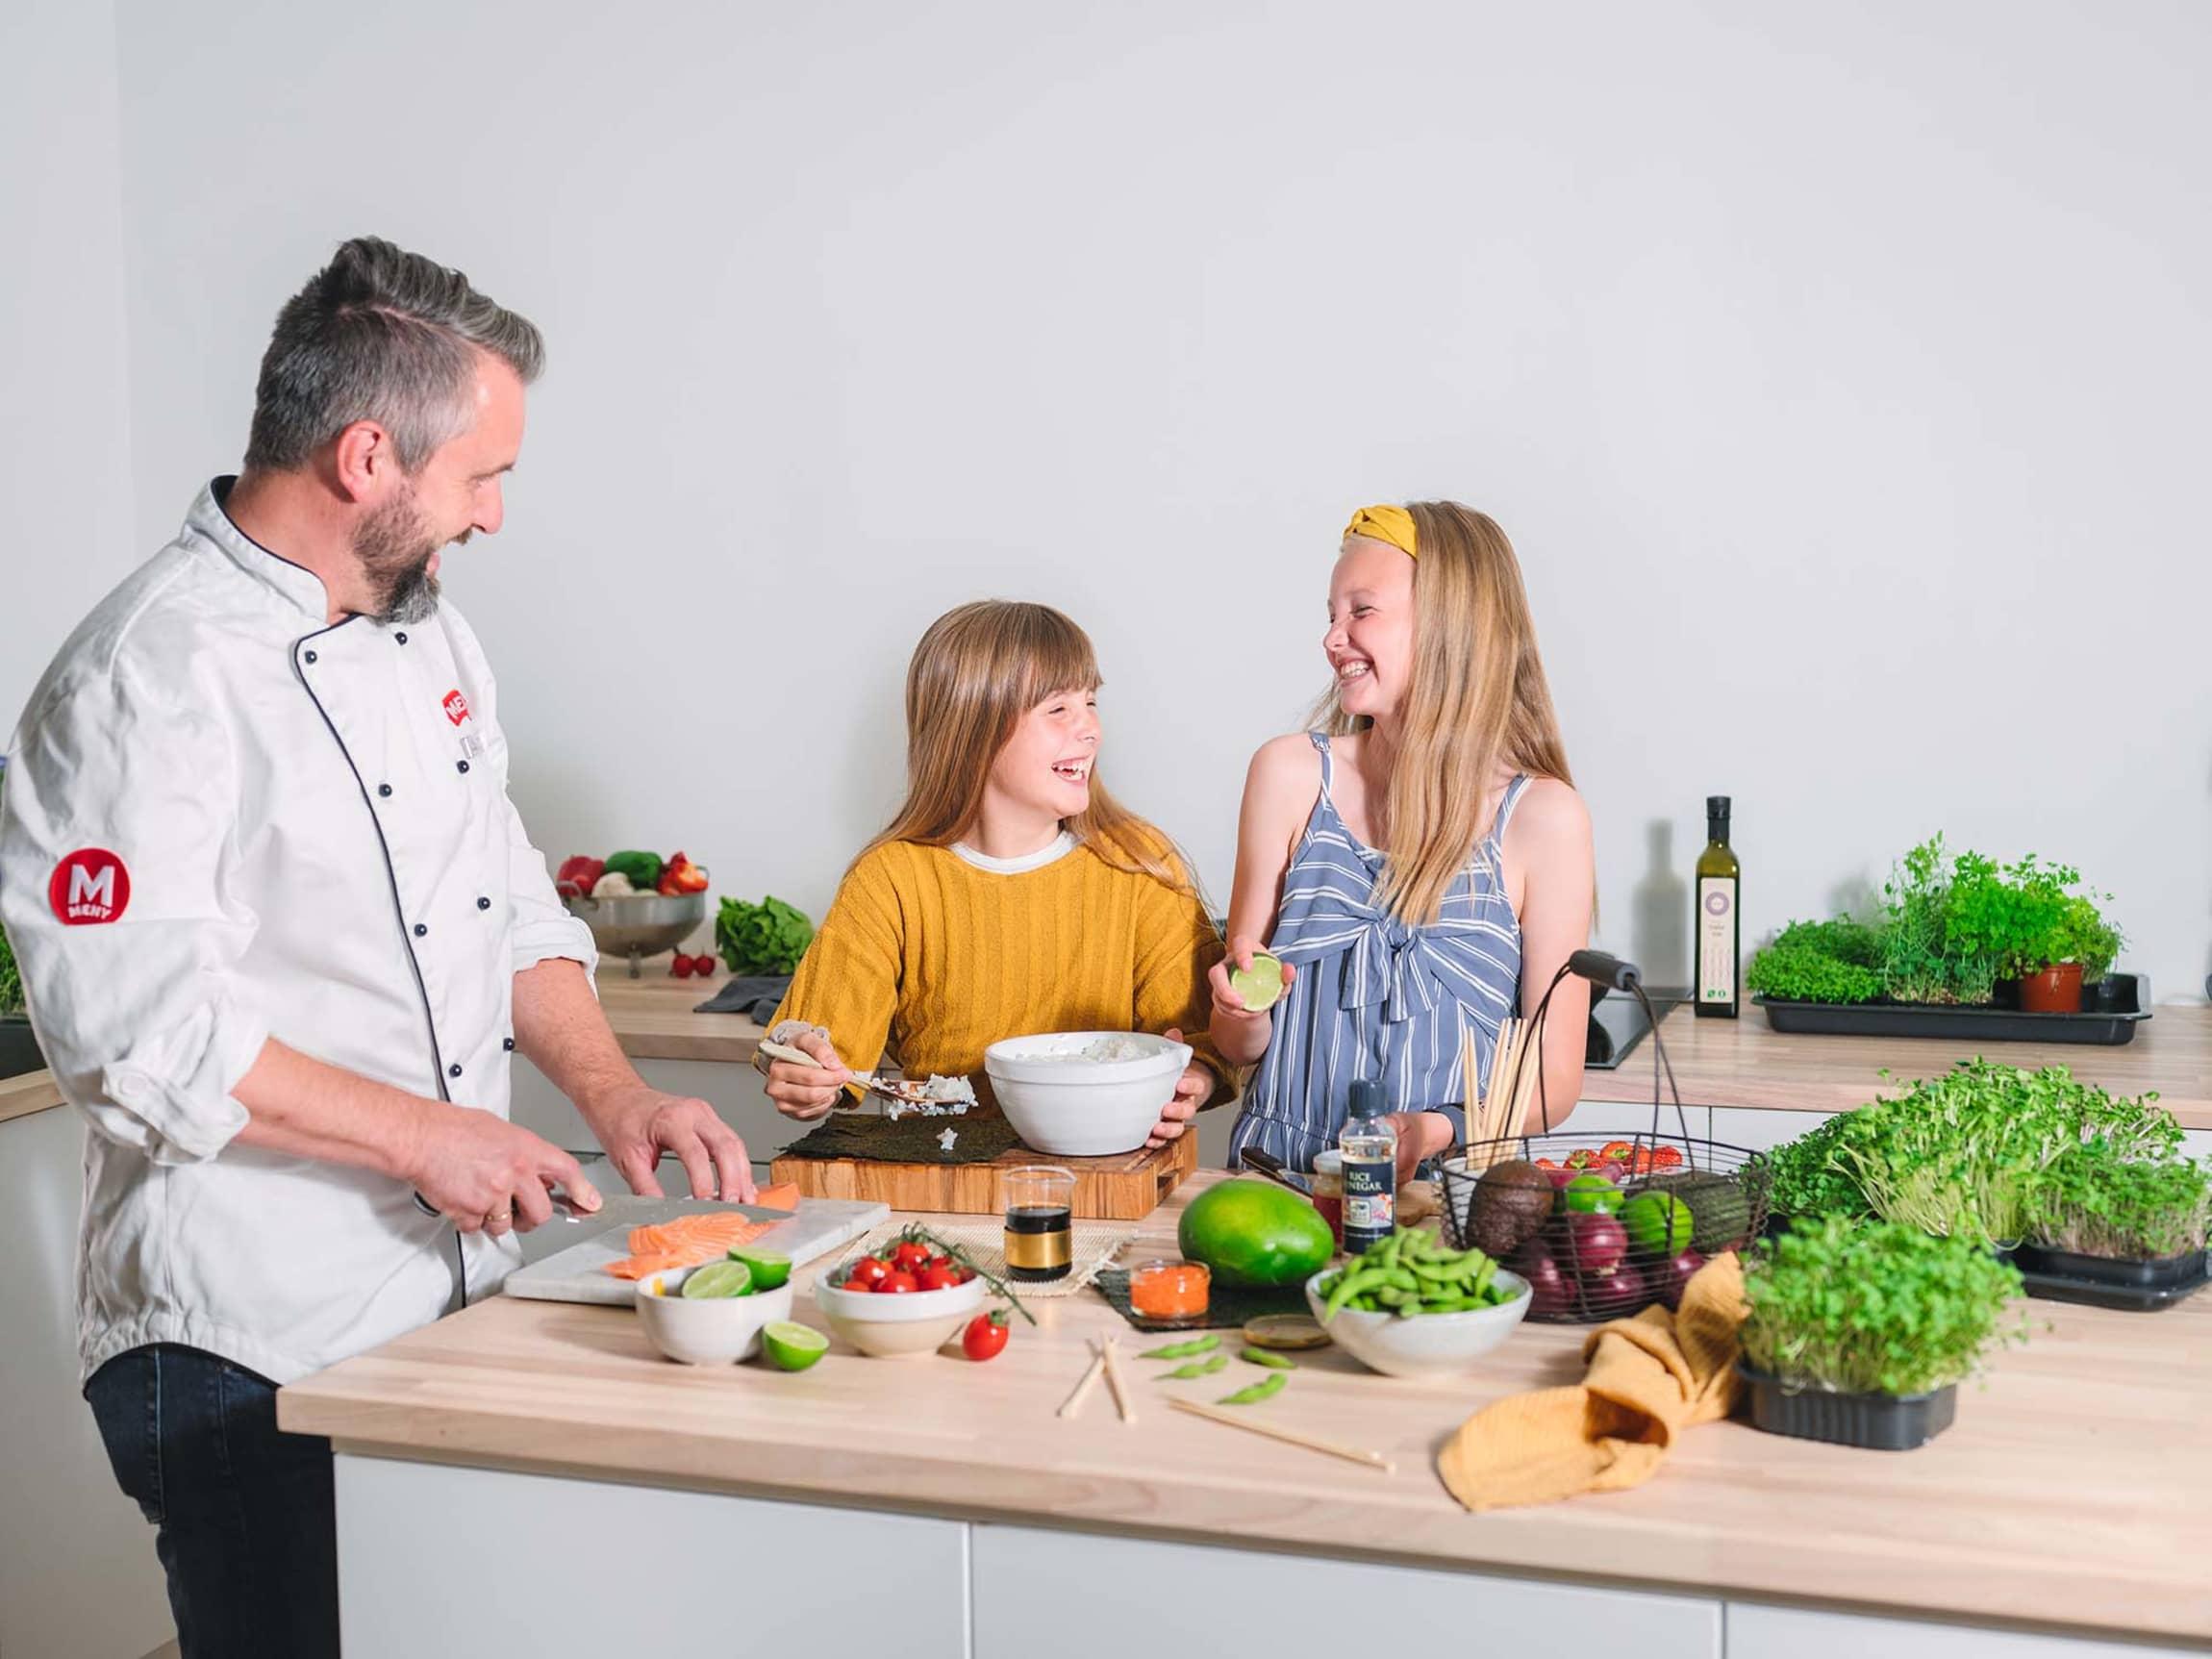 Roar Sjåvåg mener det er viktig å la barna ta del i matlagingen.